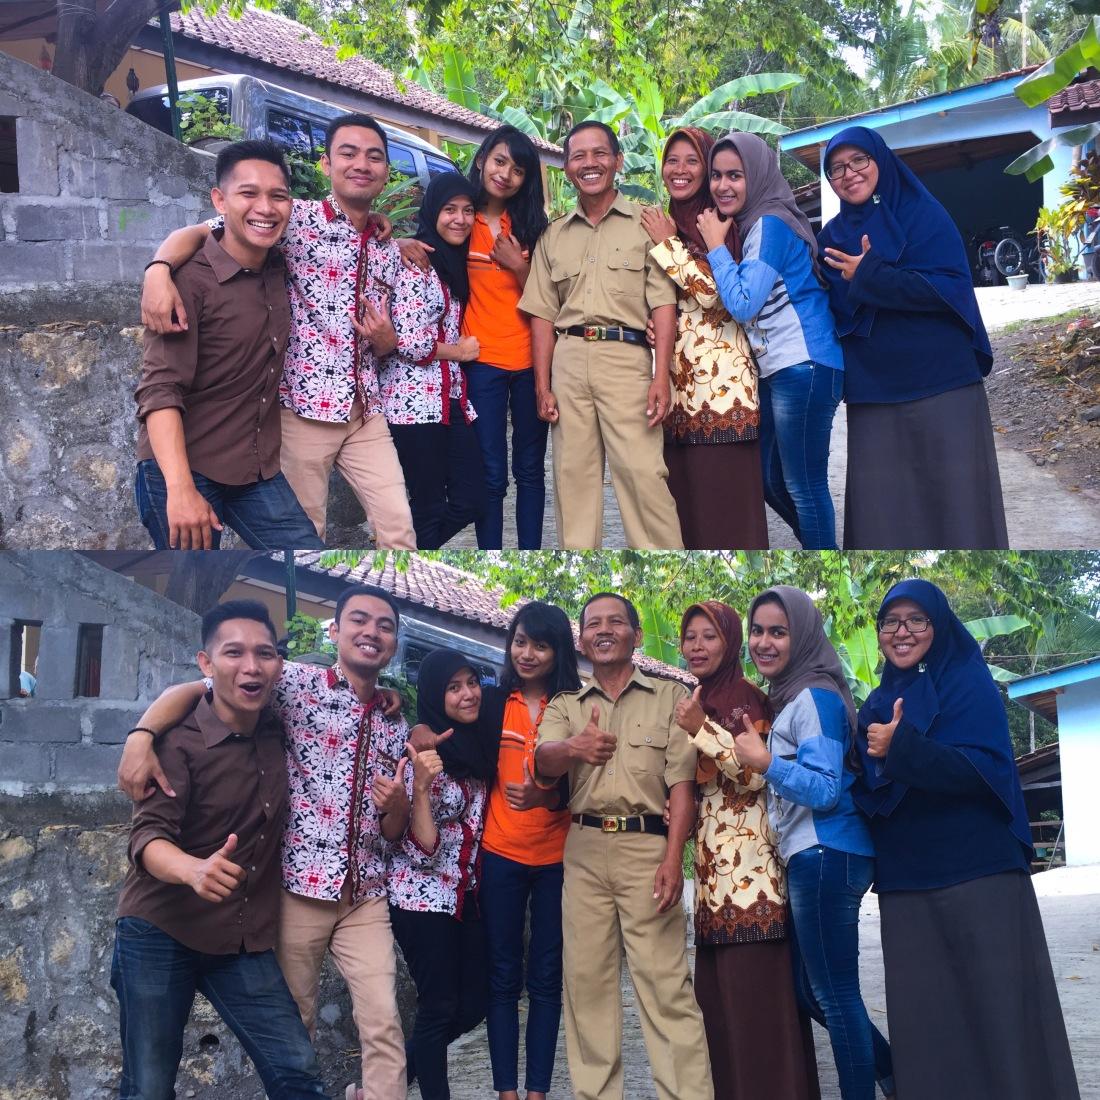 - minus Kamilah dan Dhika - janjian dresscode pakai batik seragam ANGKLUNG. but turned out cuma aku sama Yasfi yang pakai. - tolong jangan salah paham. :)